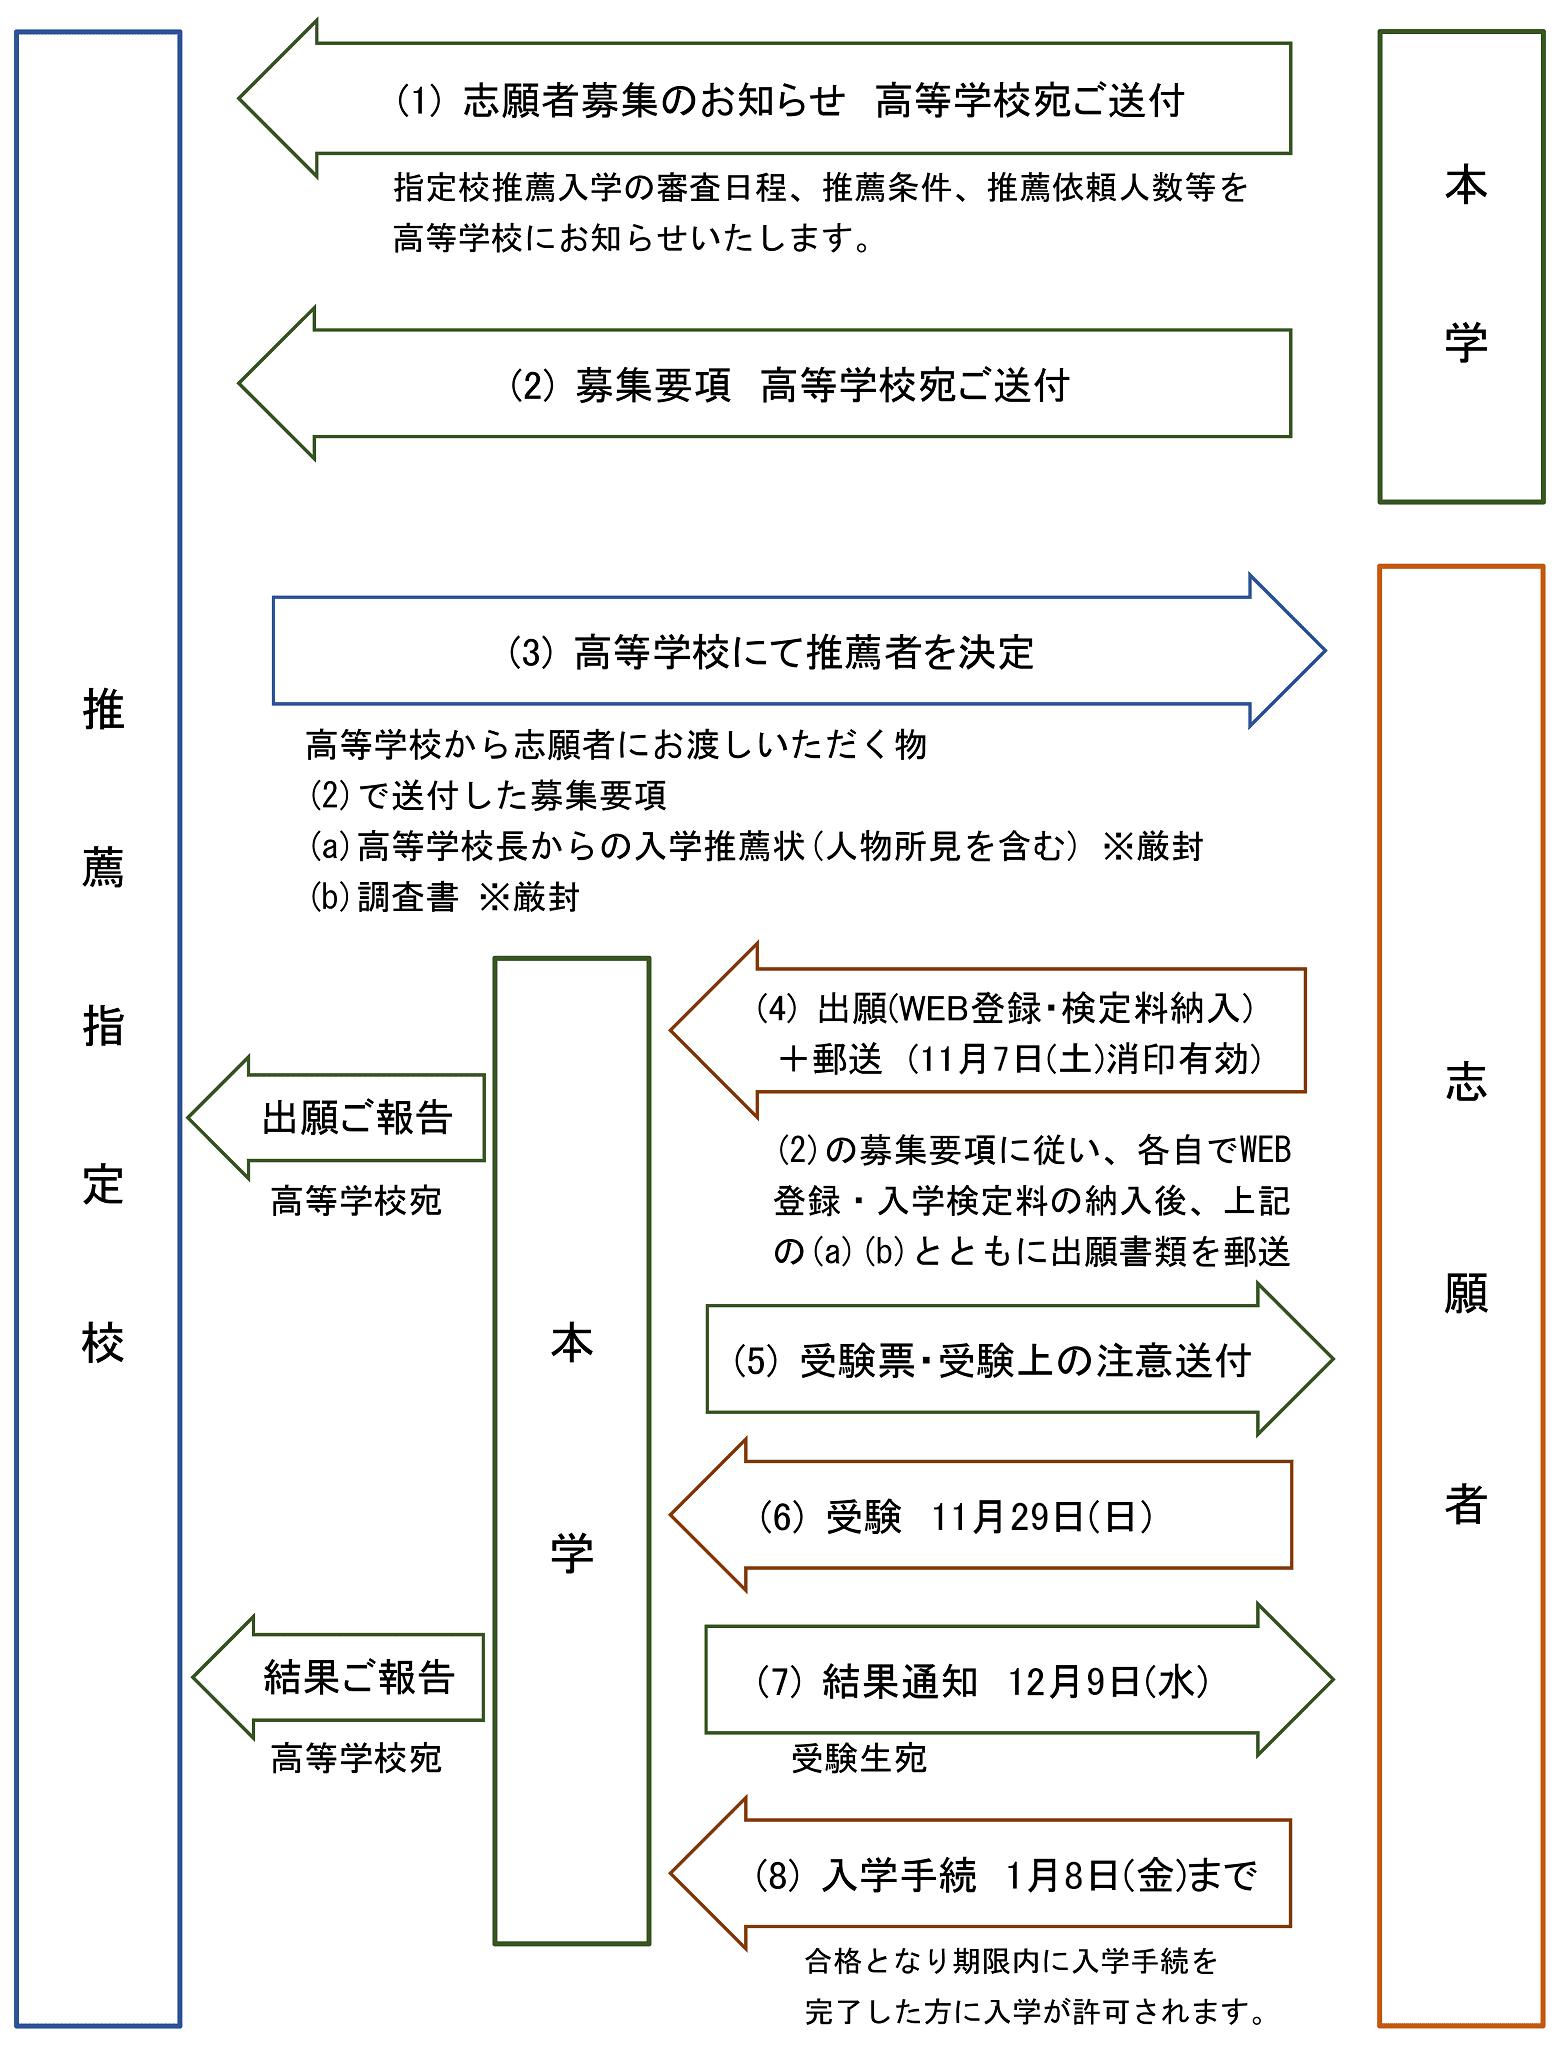 法政 大学 指定 校 推薦